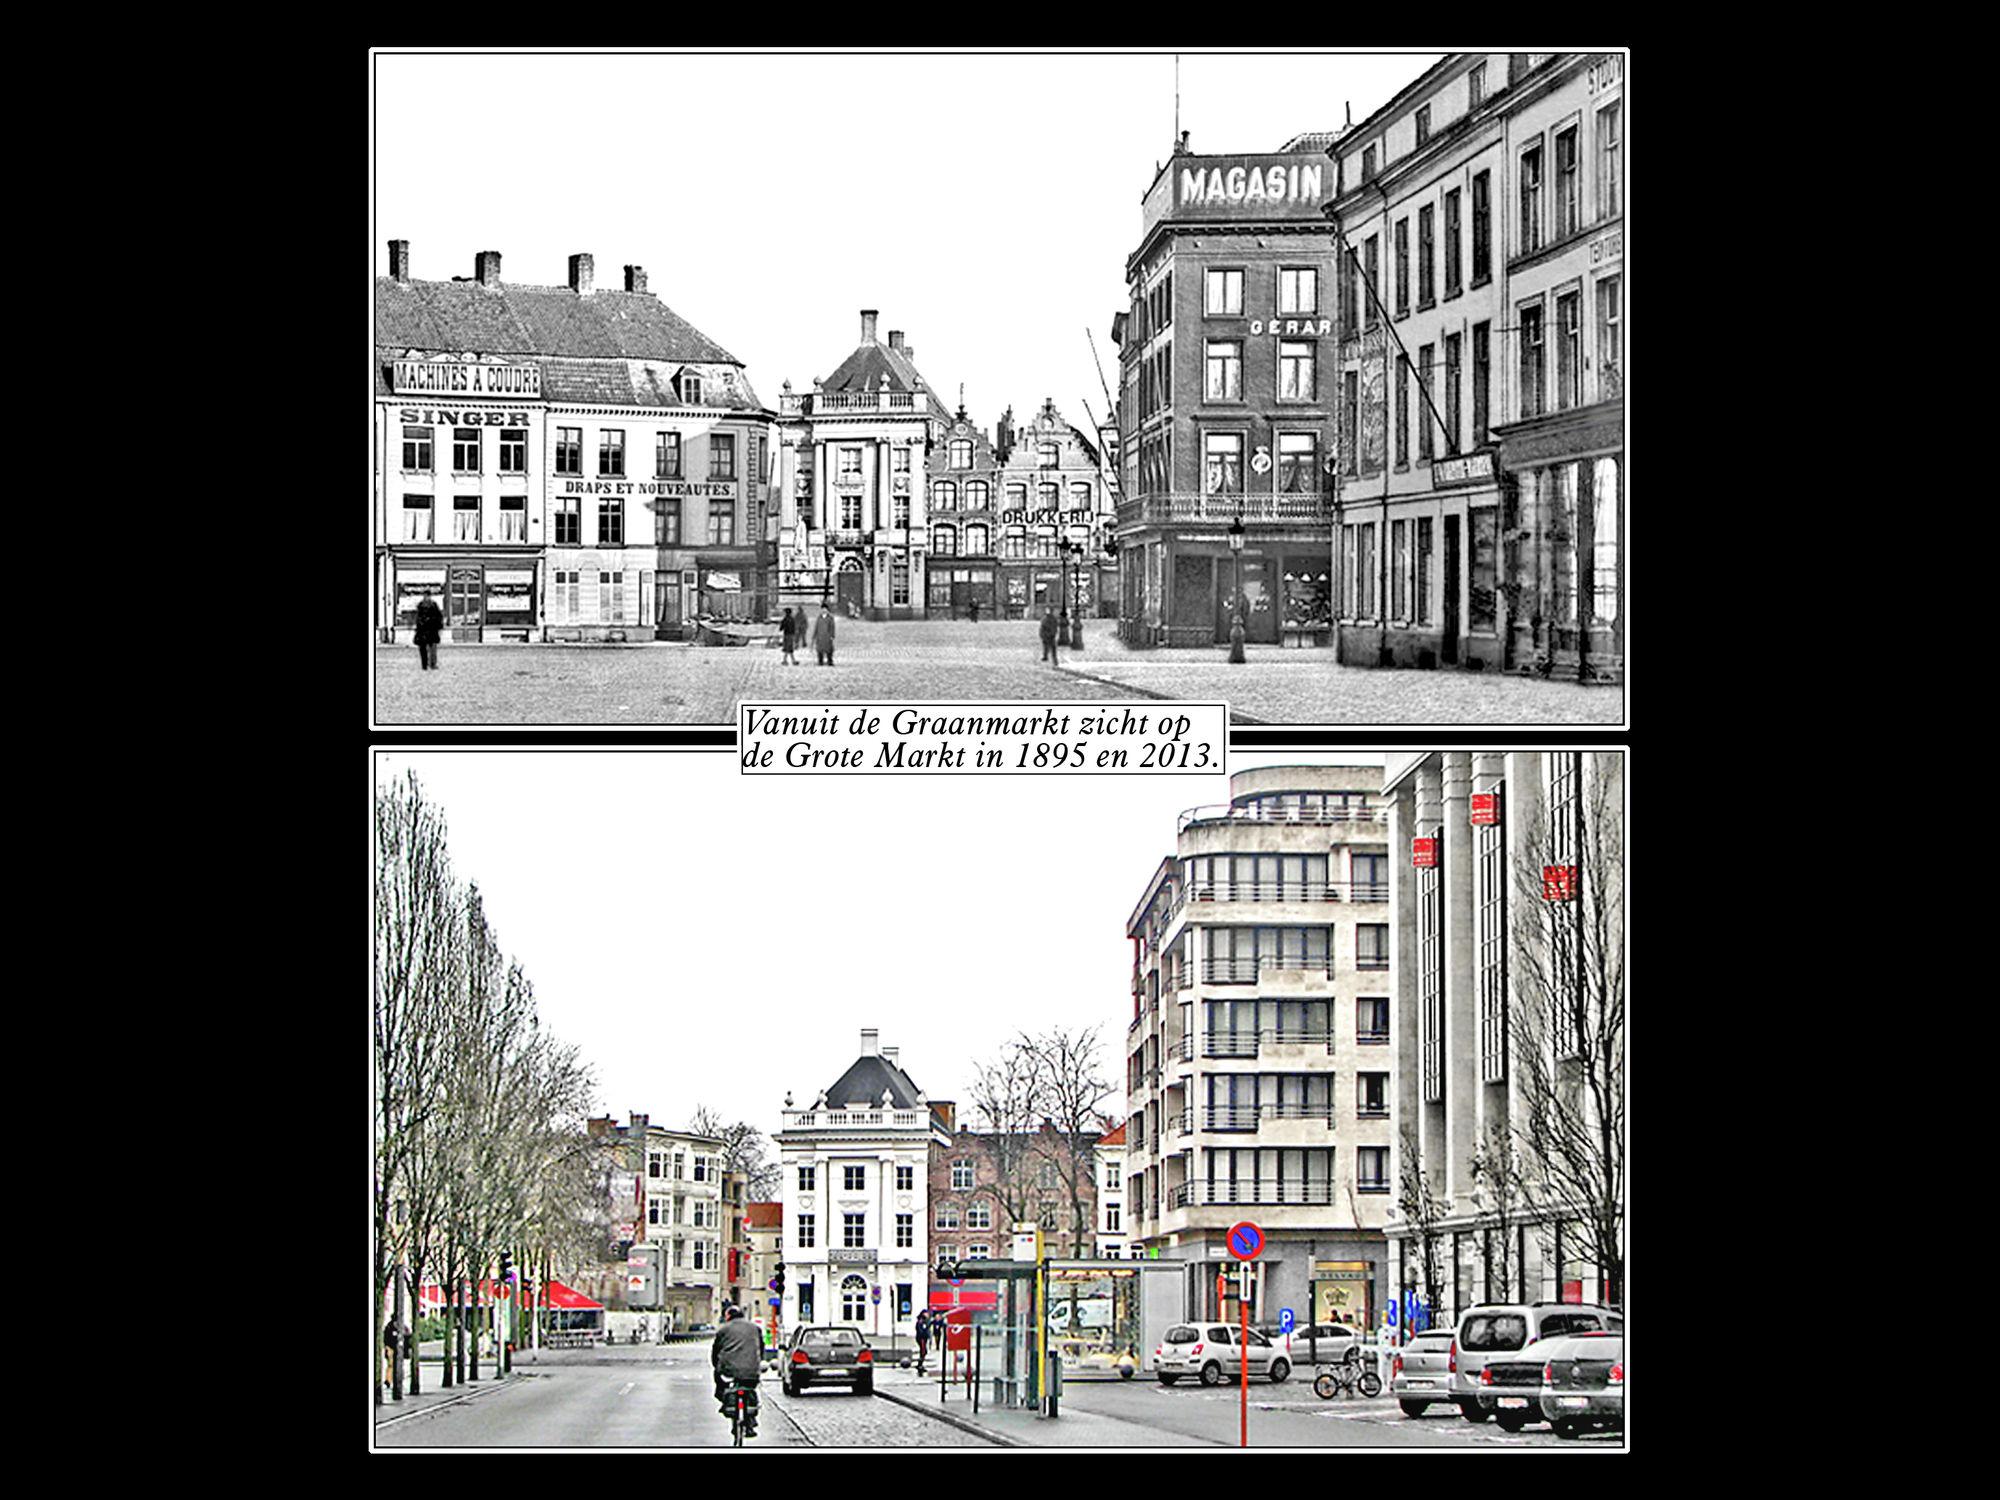 Graanmarkt anno 1895 en 2013